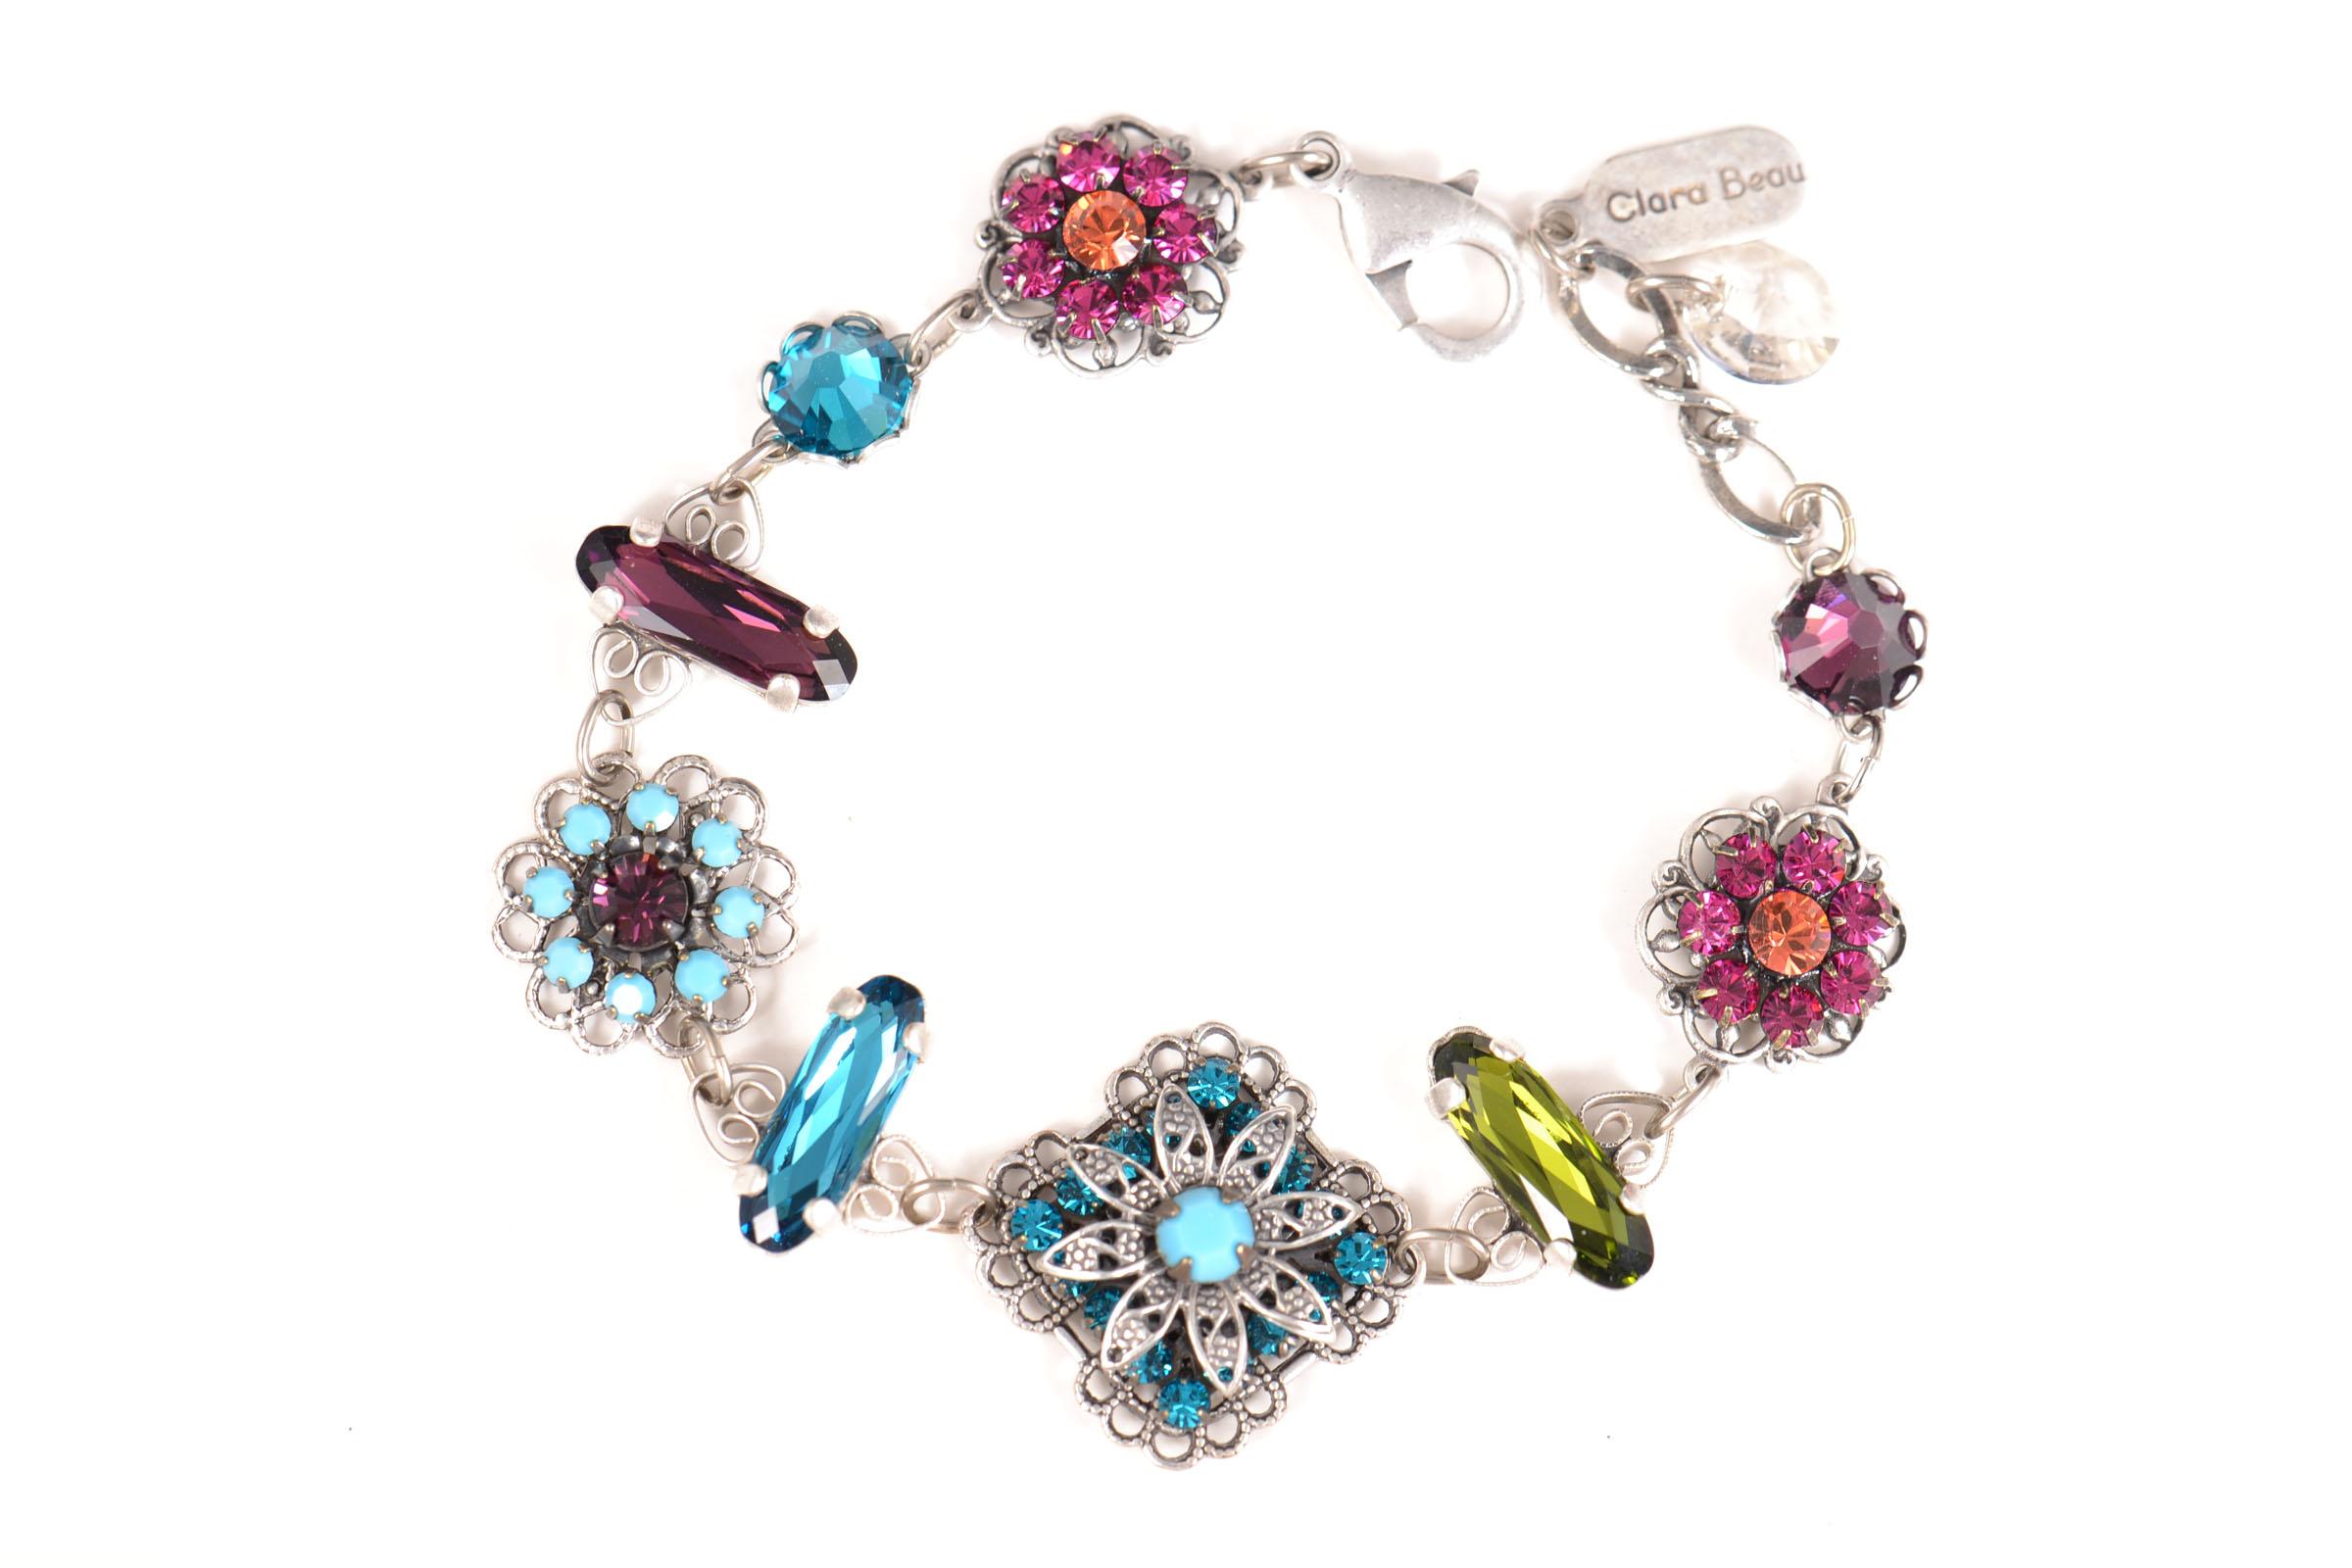 Clara Beau Bracelets